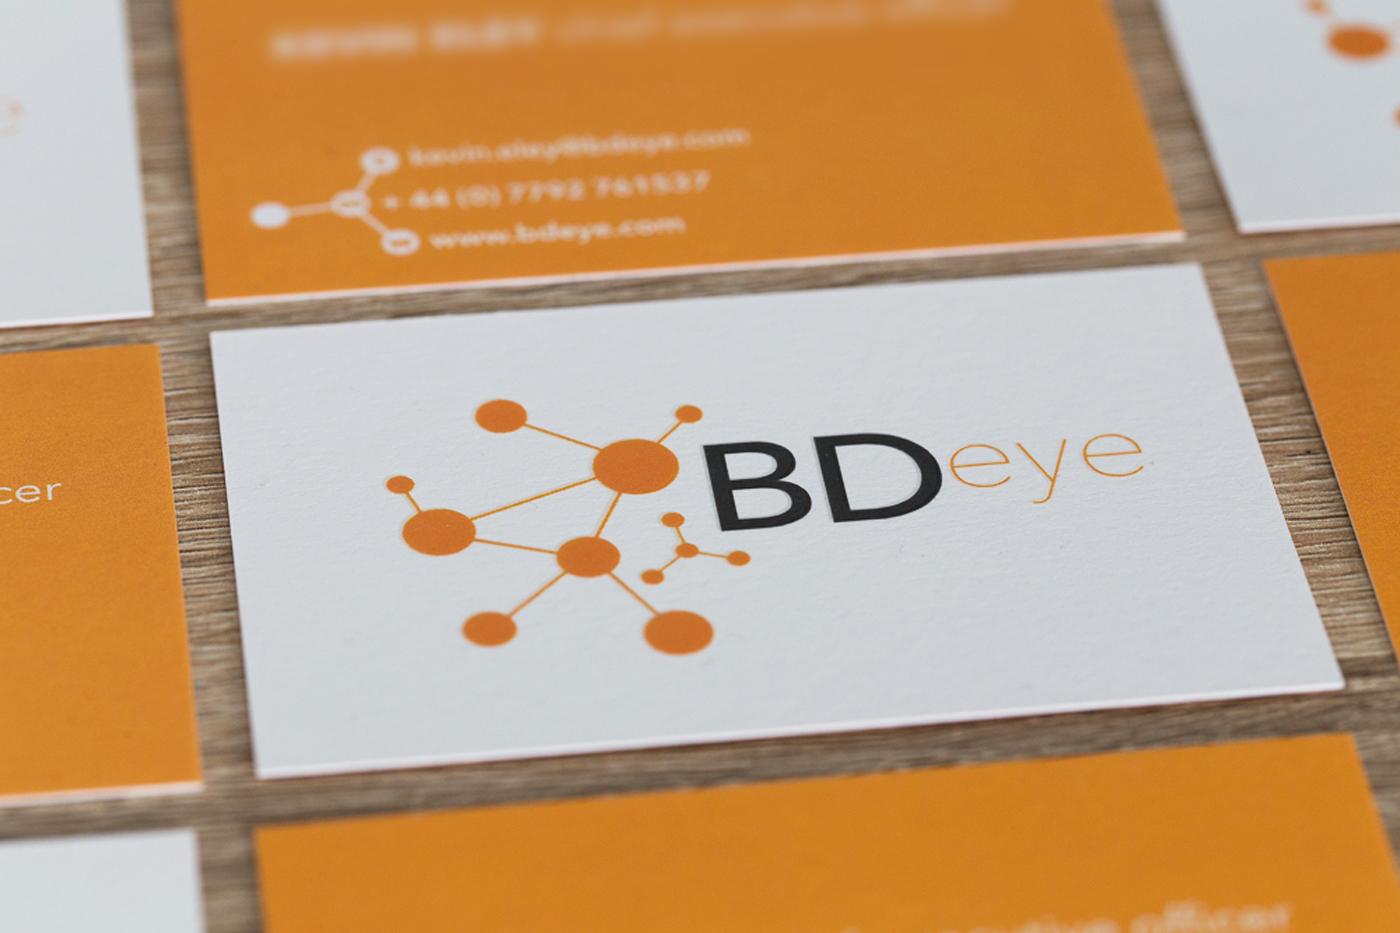 bdeye_06